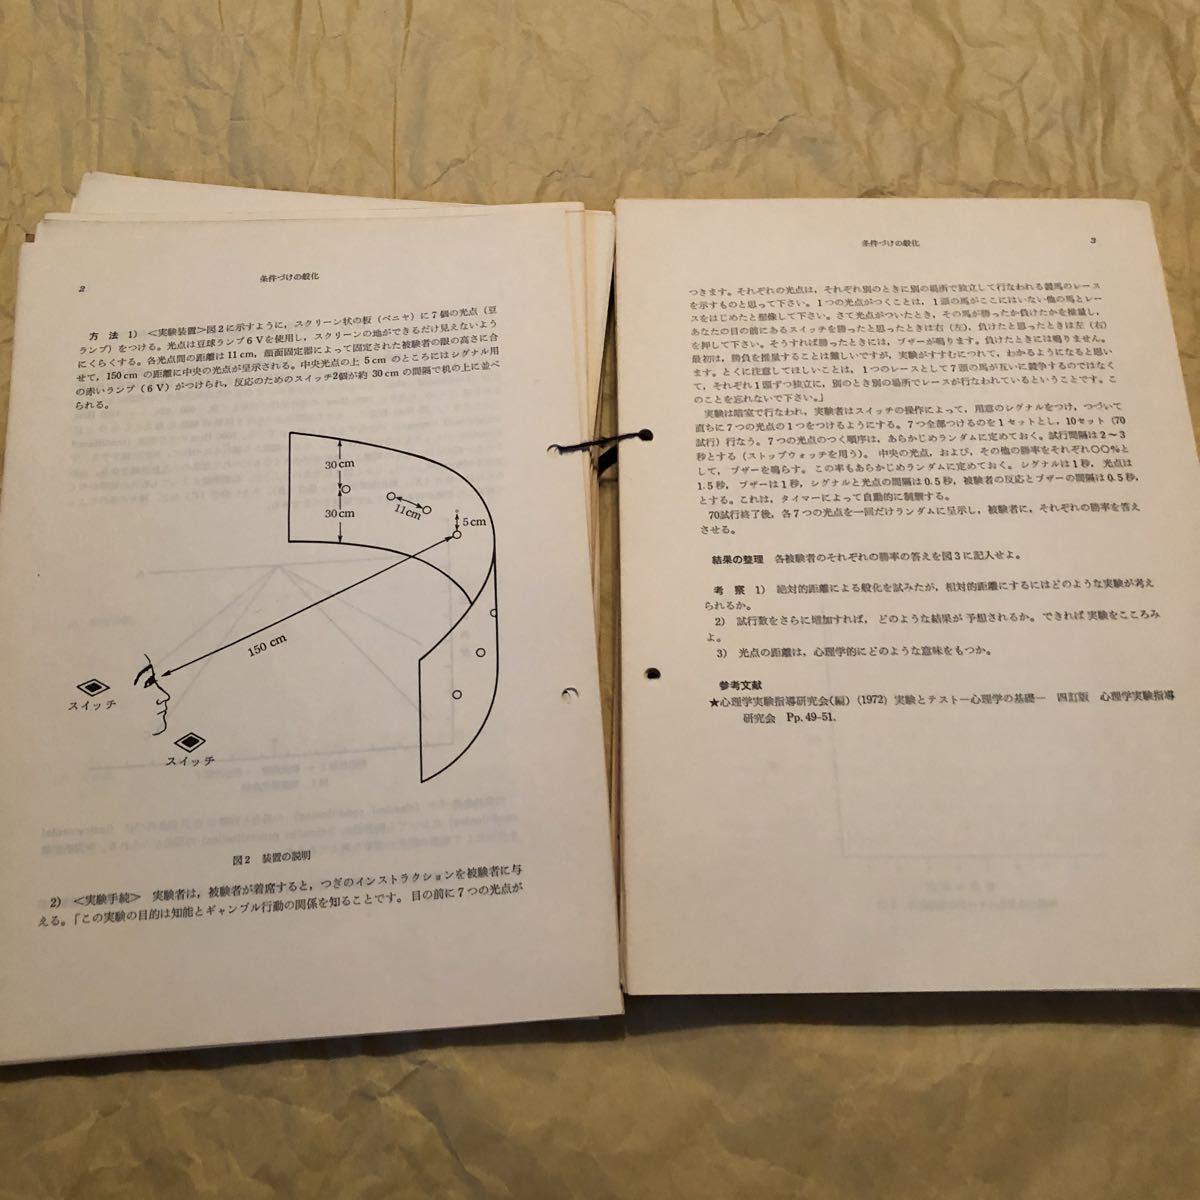 【心理学】『新版 実験とテスト 心理学の基礎』1974年★心理学実験指導研究会編★経年くすみあり_画像7